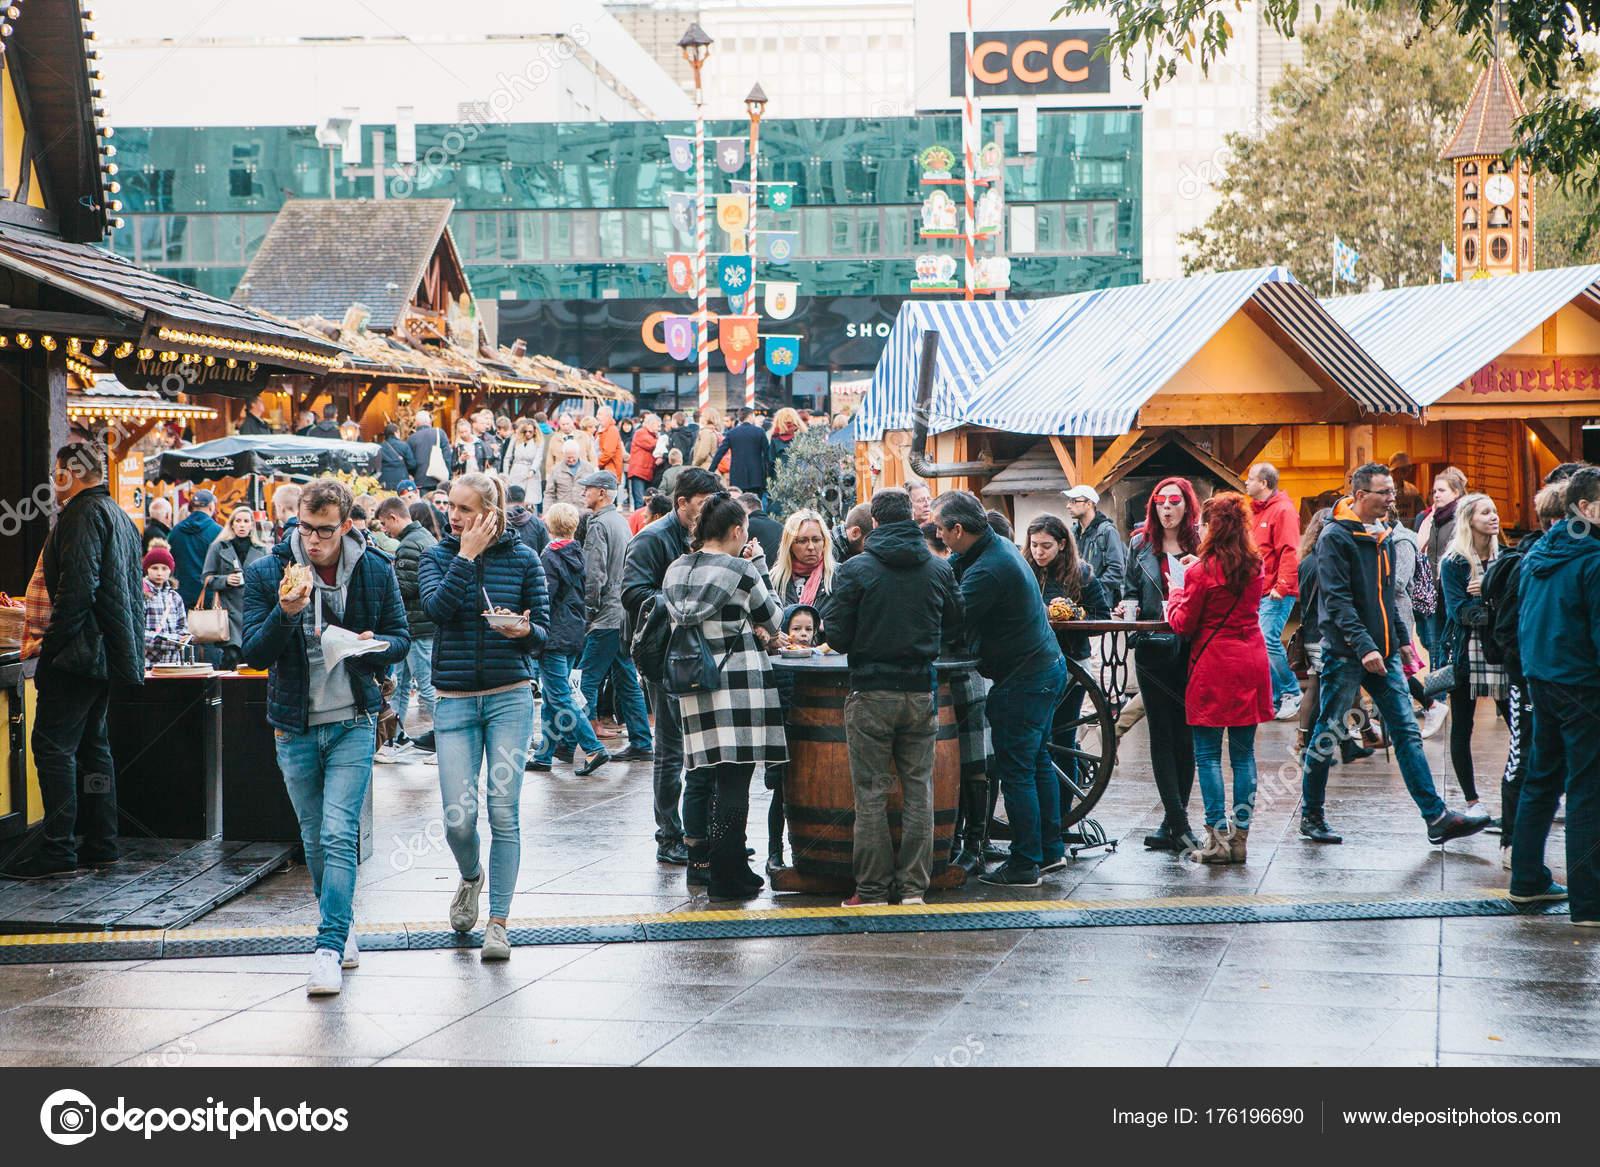 Flohmarkt berlin 3 oktober 2017